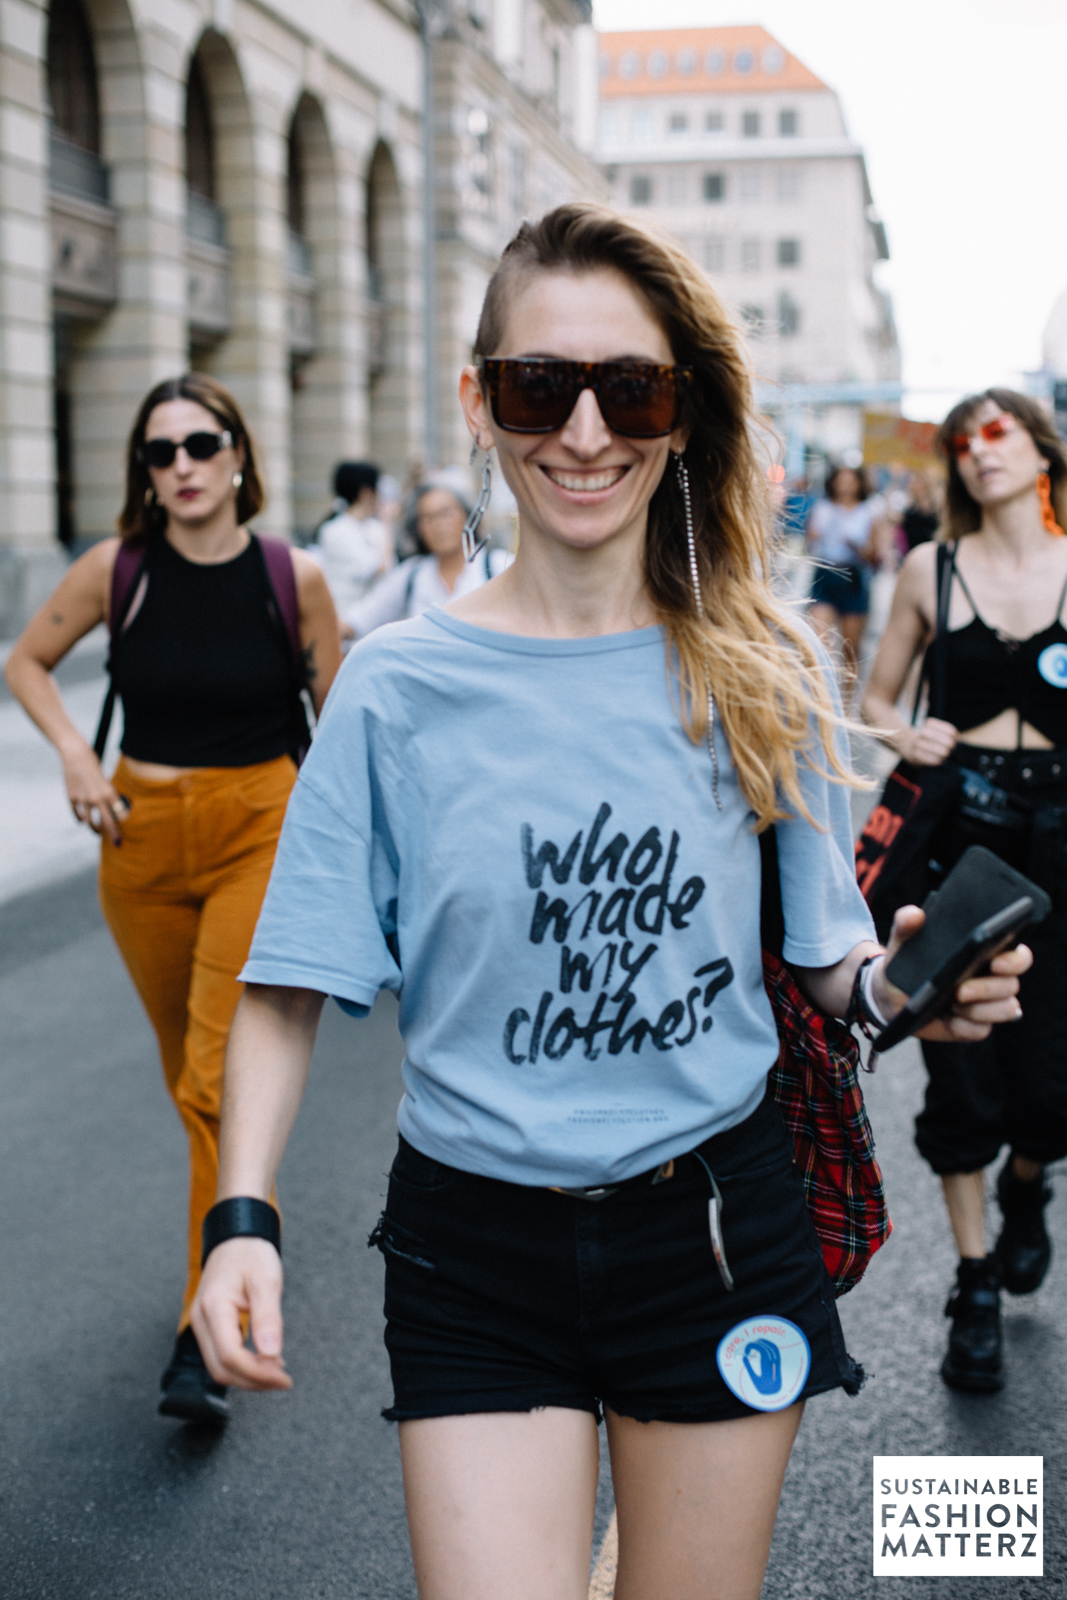 fashion-revolution-berlin-2019-54.jpg